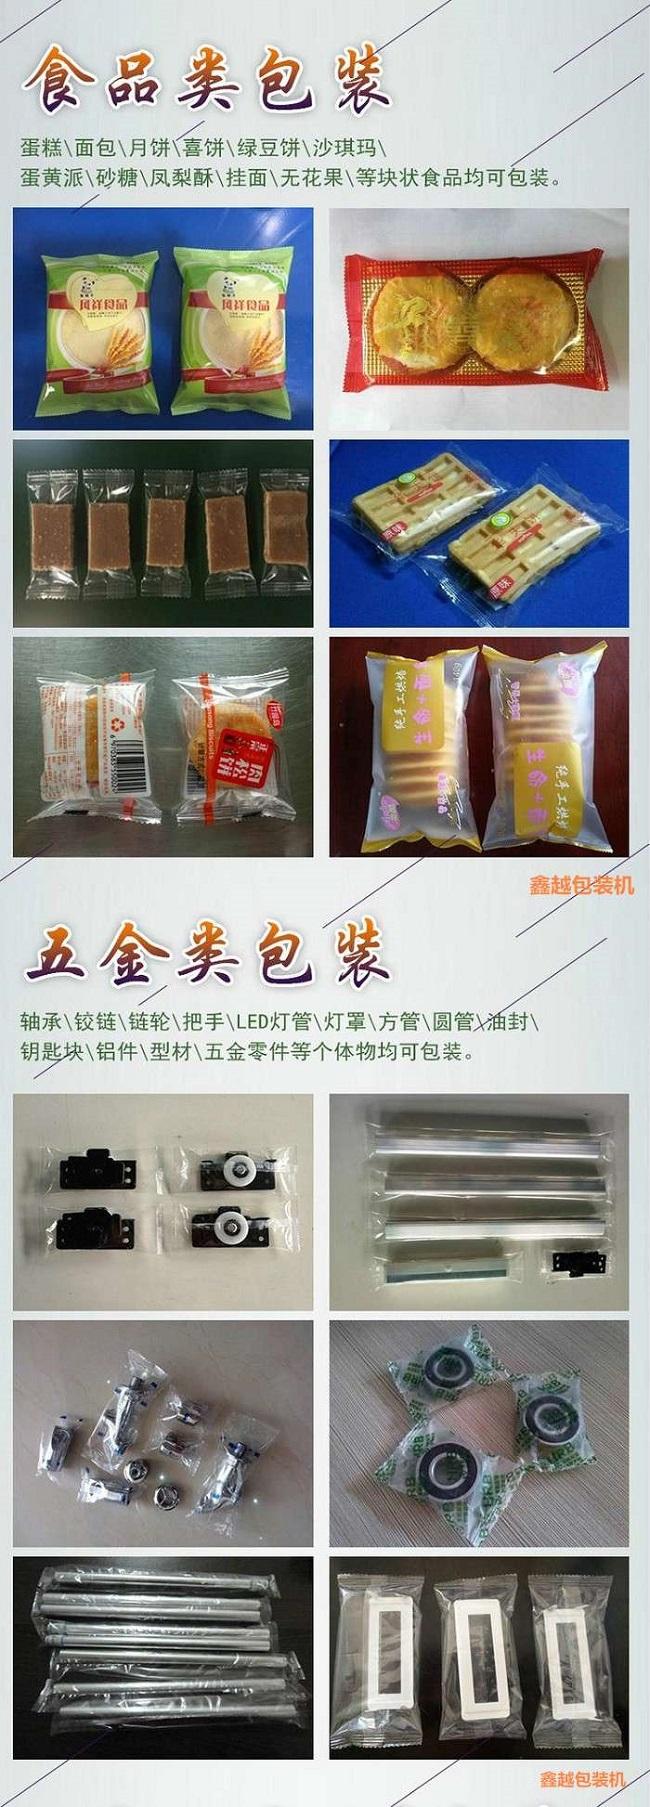 食品包装机案例